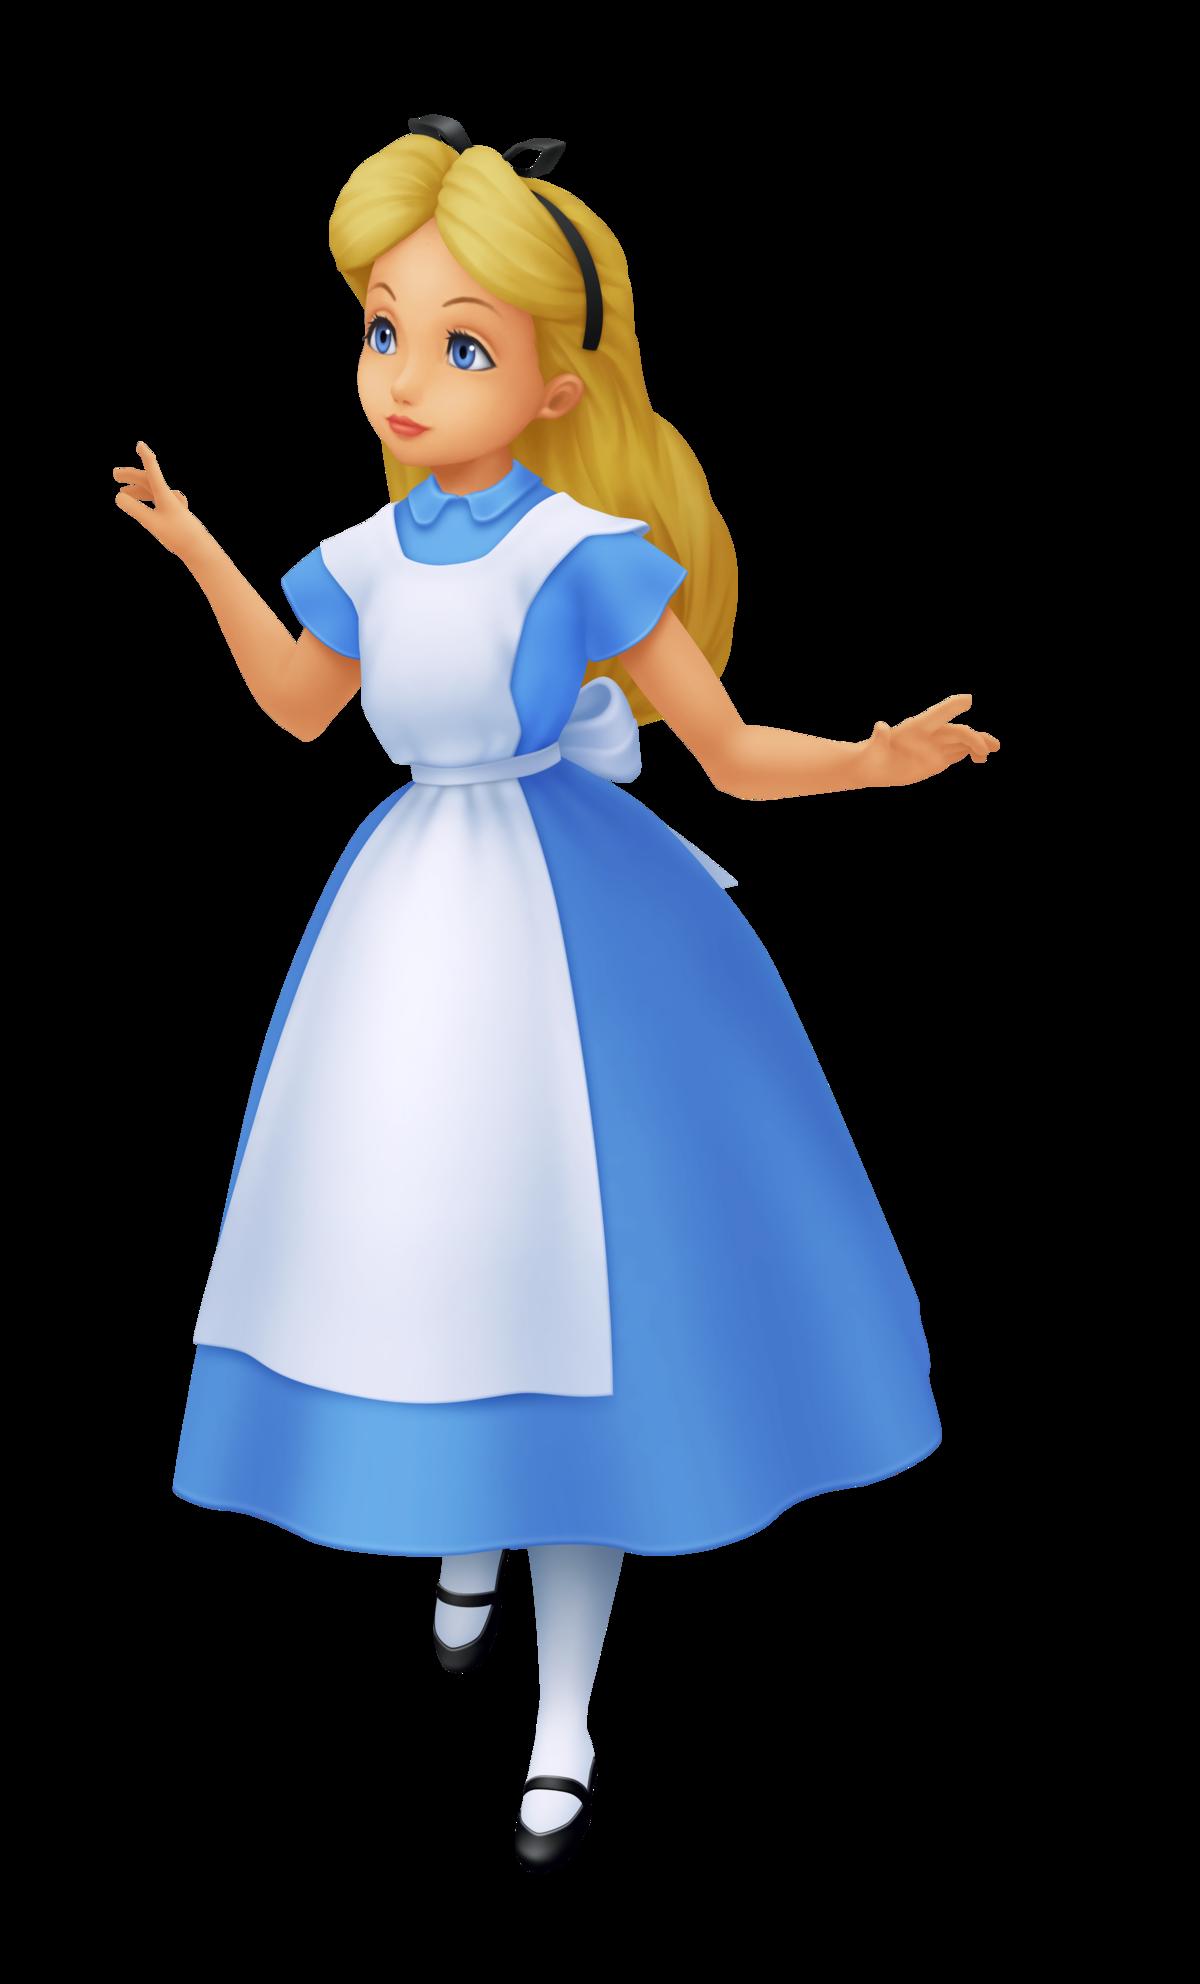 Картинка алиса для детей